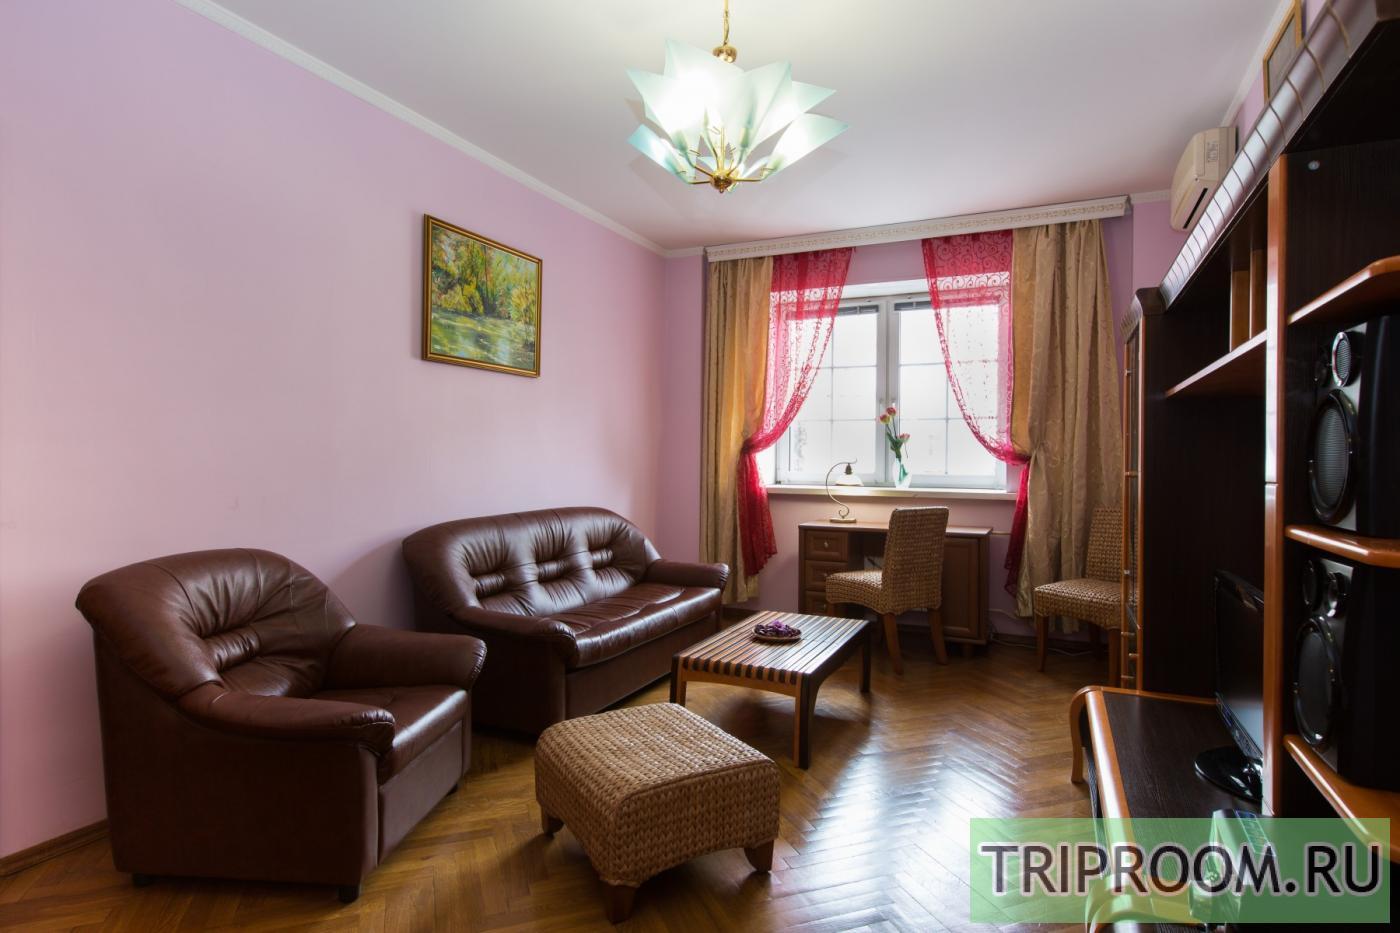 это экспозиция продажа квартир и апартаментов в москве общества